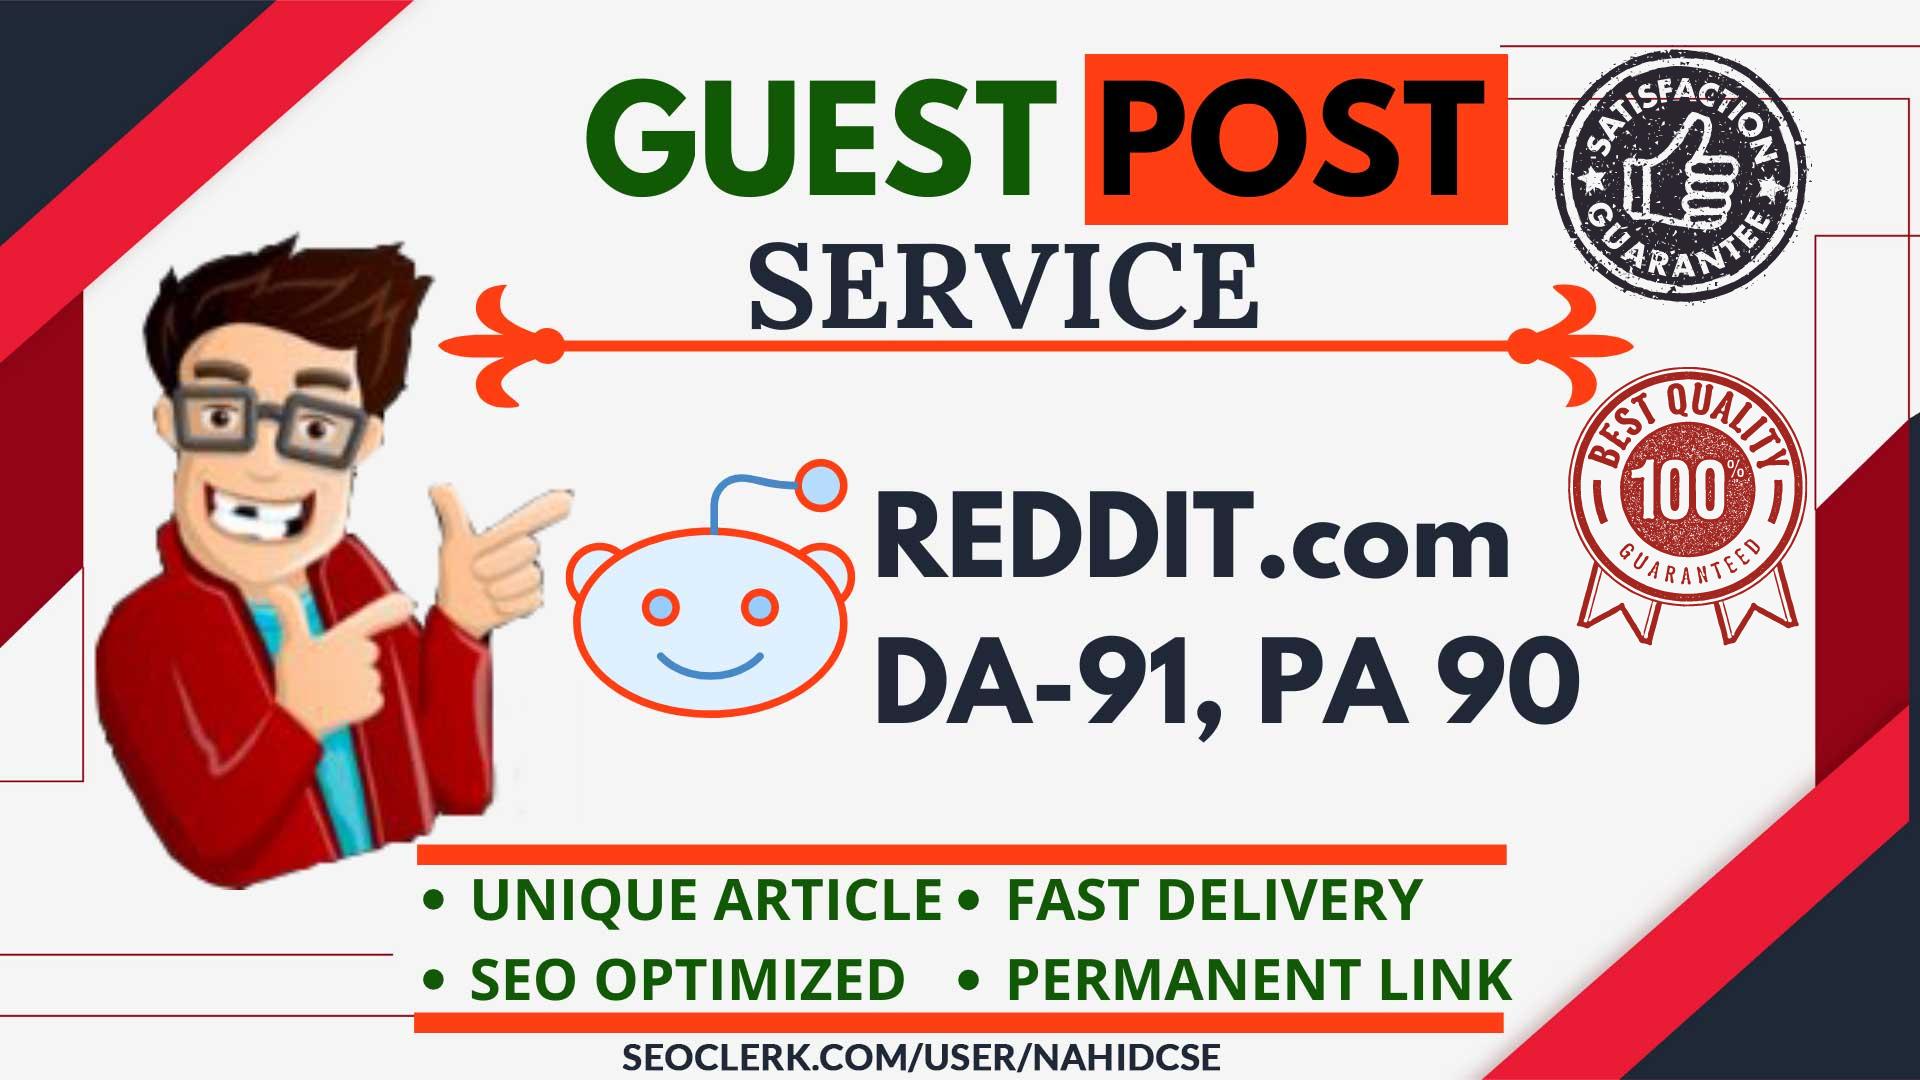 DA 95+ High DA Guest Post on REDDIT. com